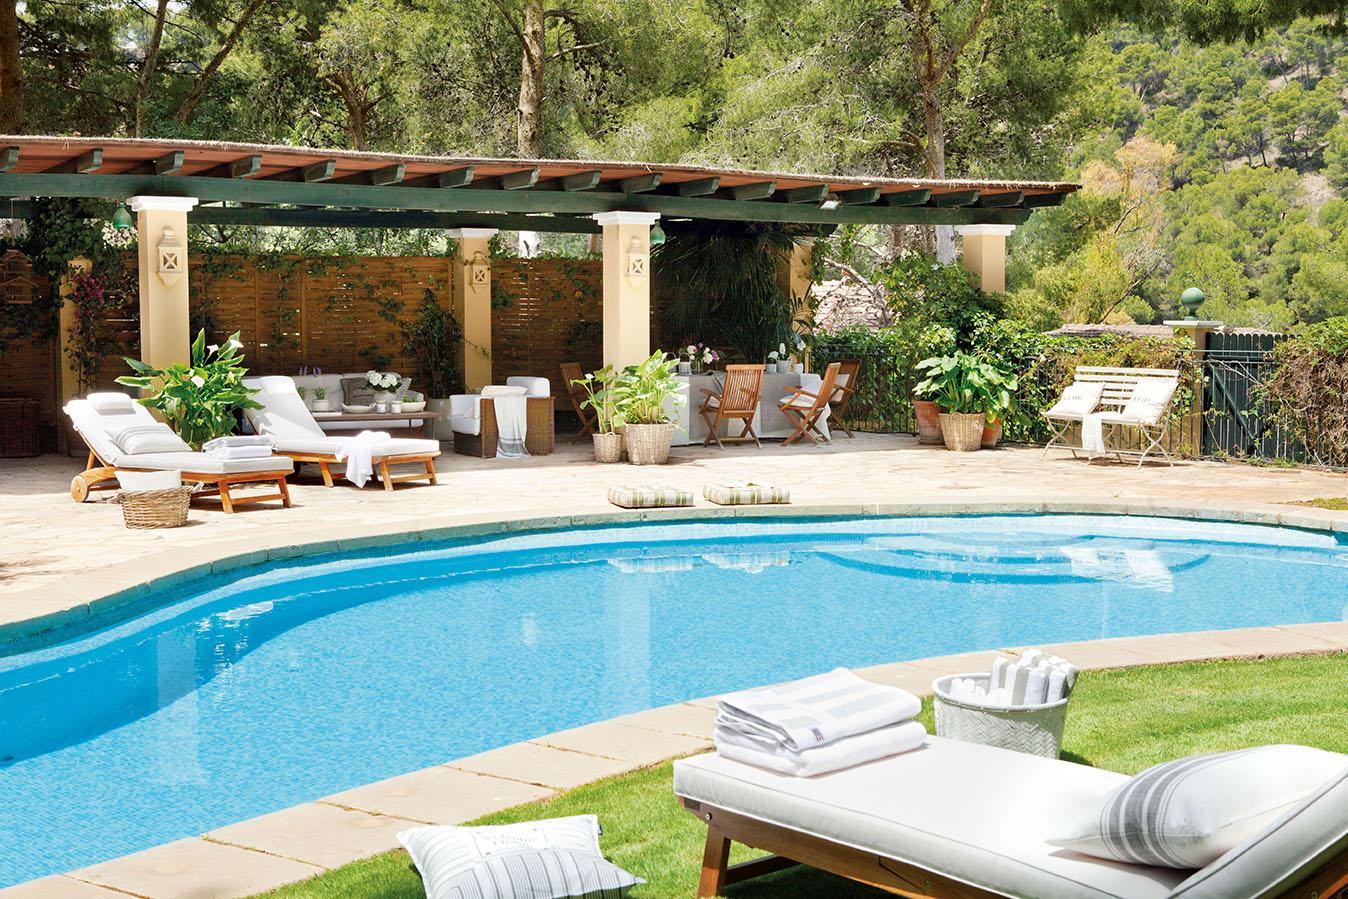 Una casa con invernadero recuperada - Tumbonas para piscina ...